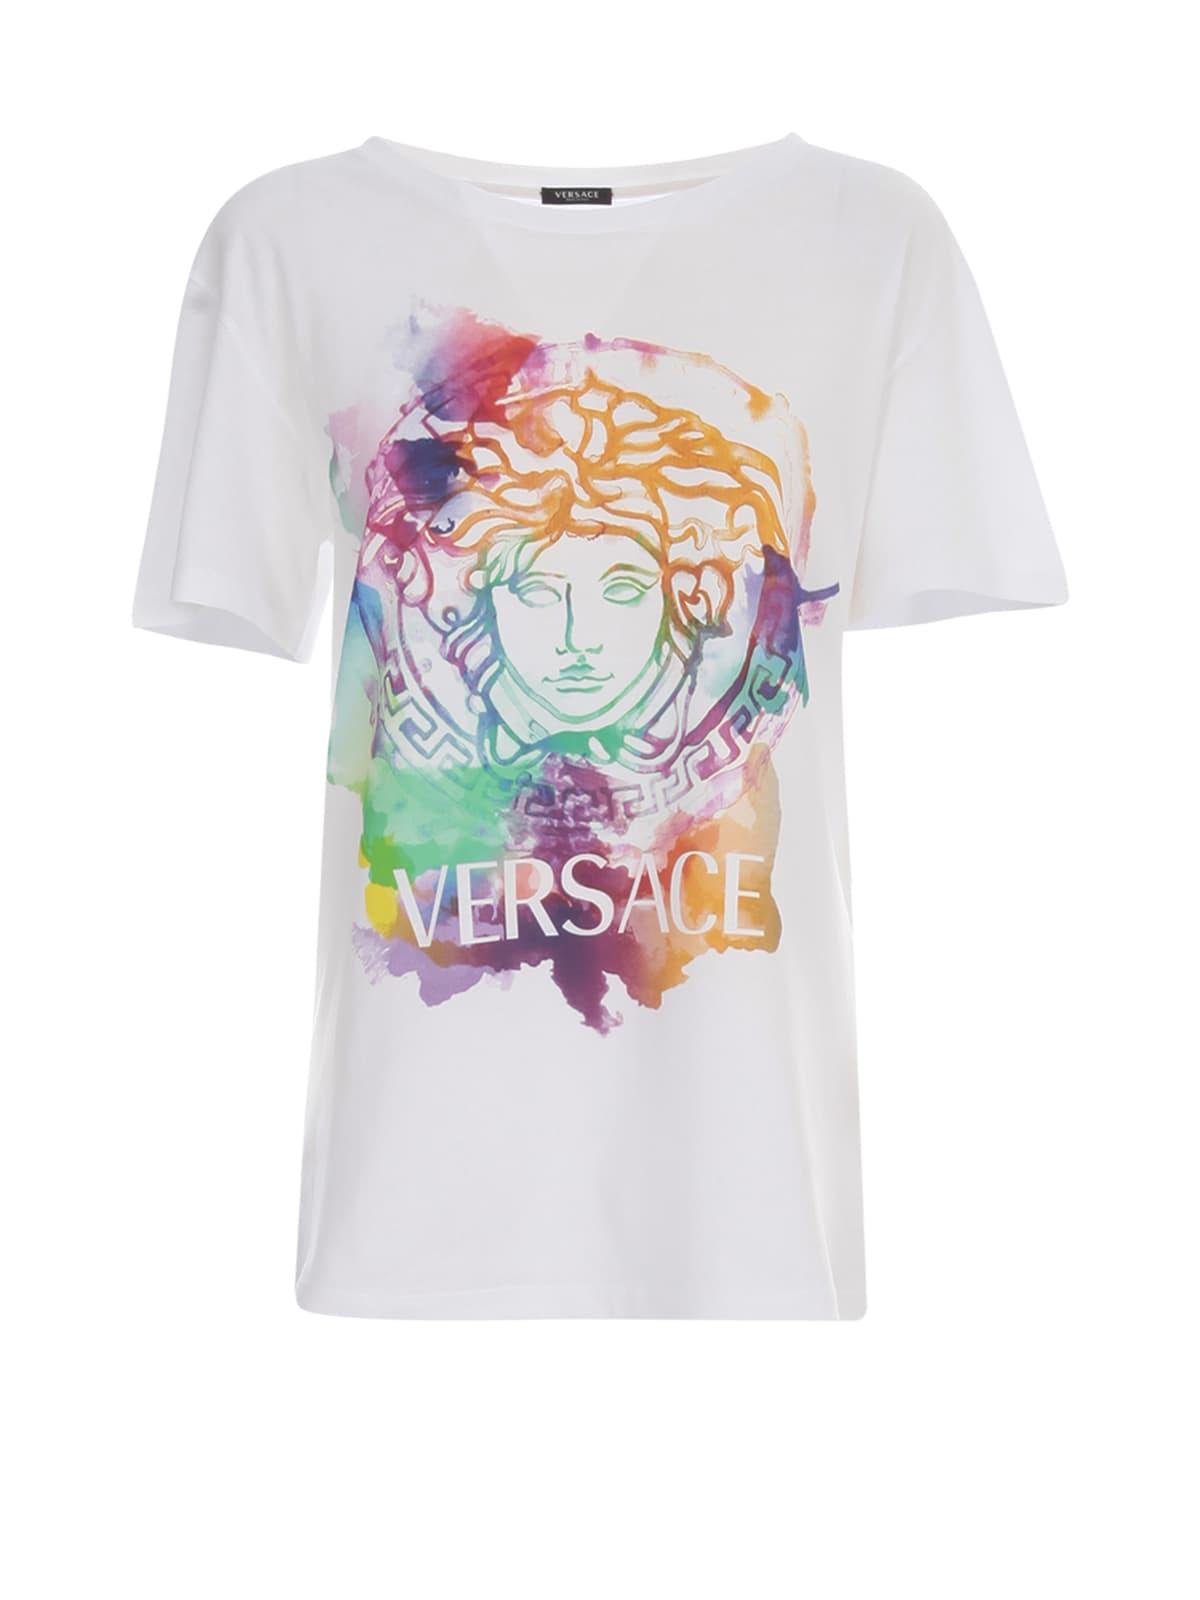 Versace JELLYFISH T-SHIRT